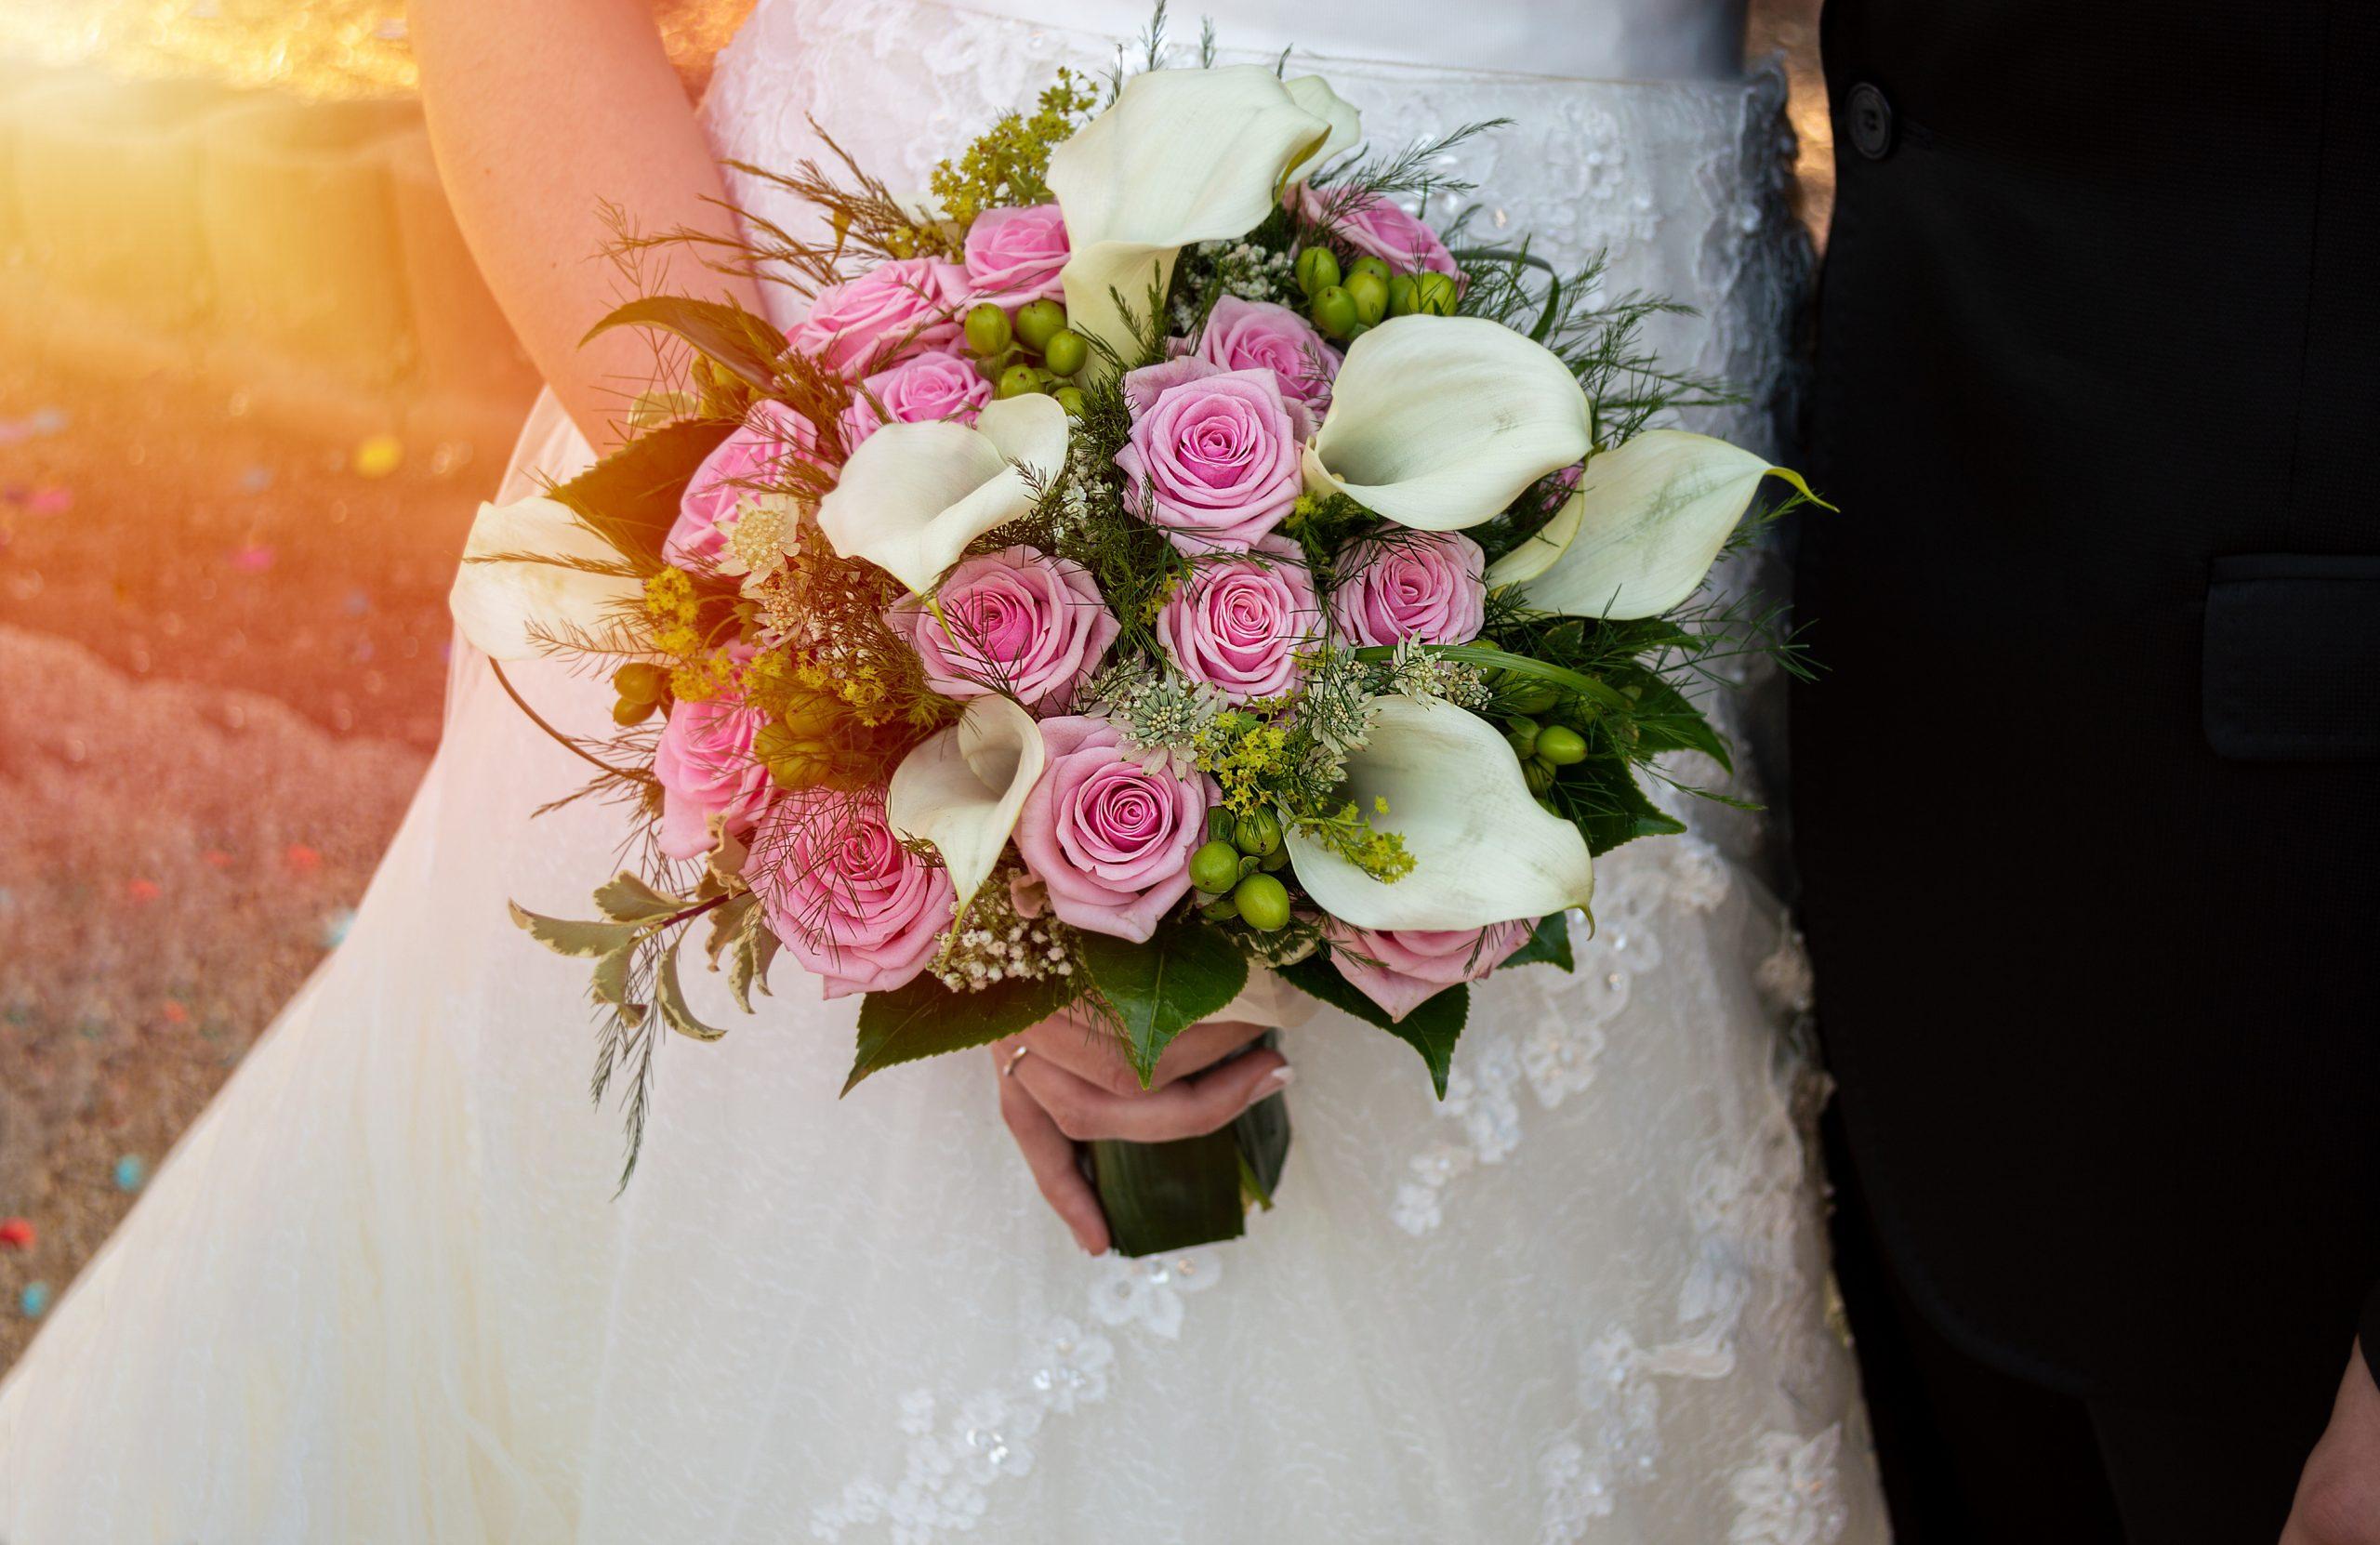 神谷奈月の結婚占い 『晩年1人で居たくない…』あなたの結婚相手は誰?